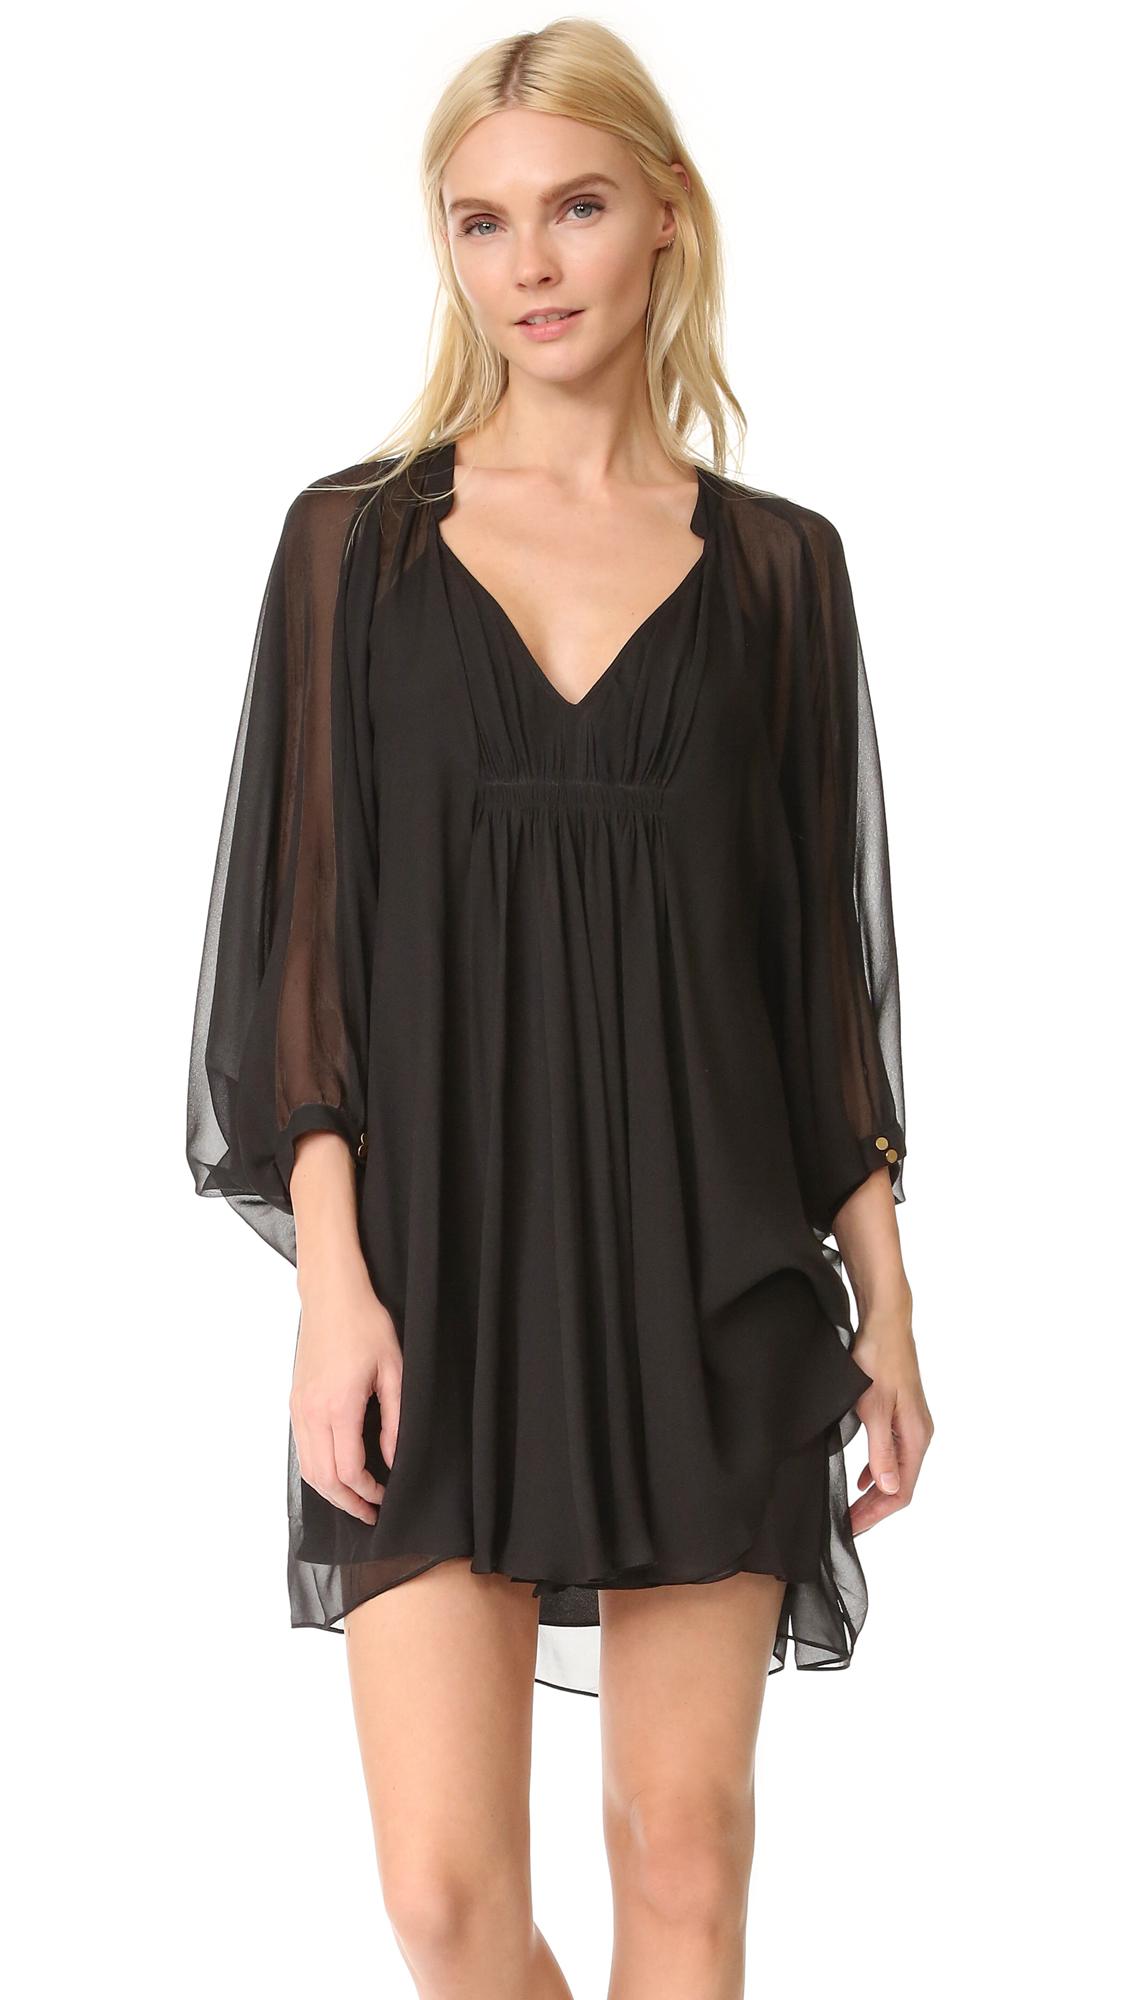 Diane Von Furstenberg Fleurette Dress Shopbop Jfashion Korean Style Chiffon Spandek Wing Blouse